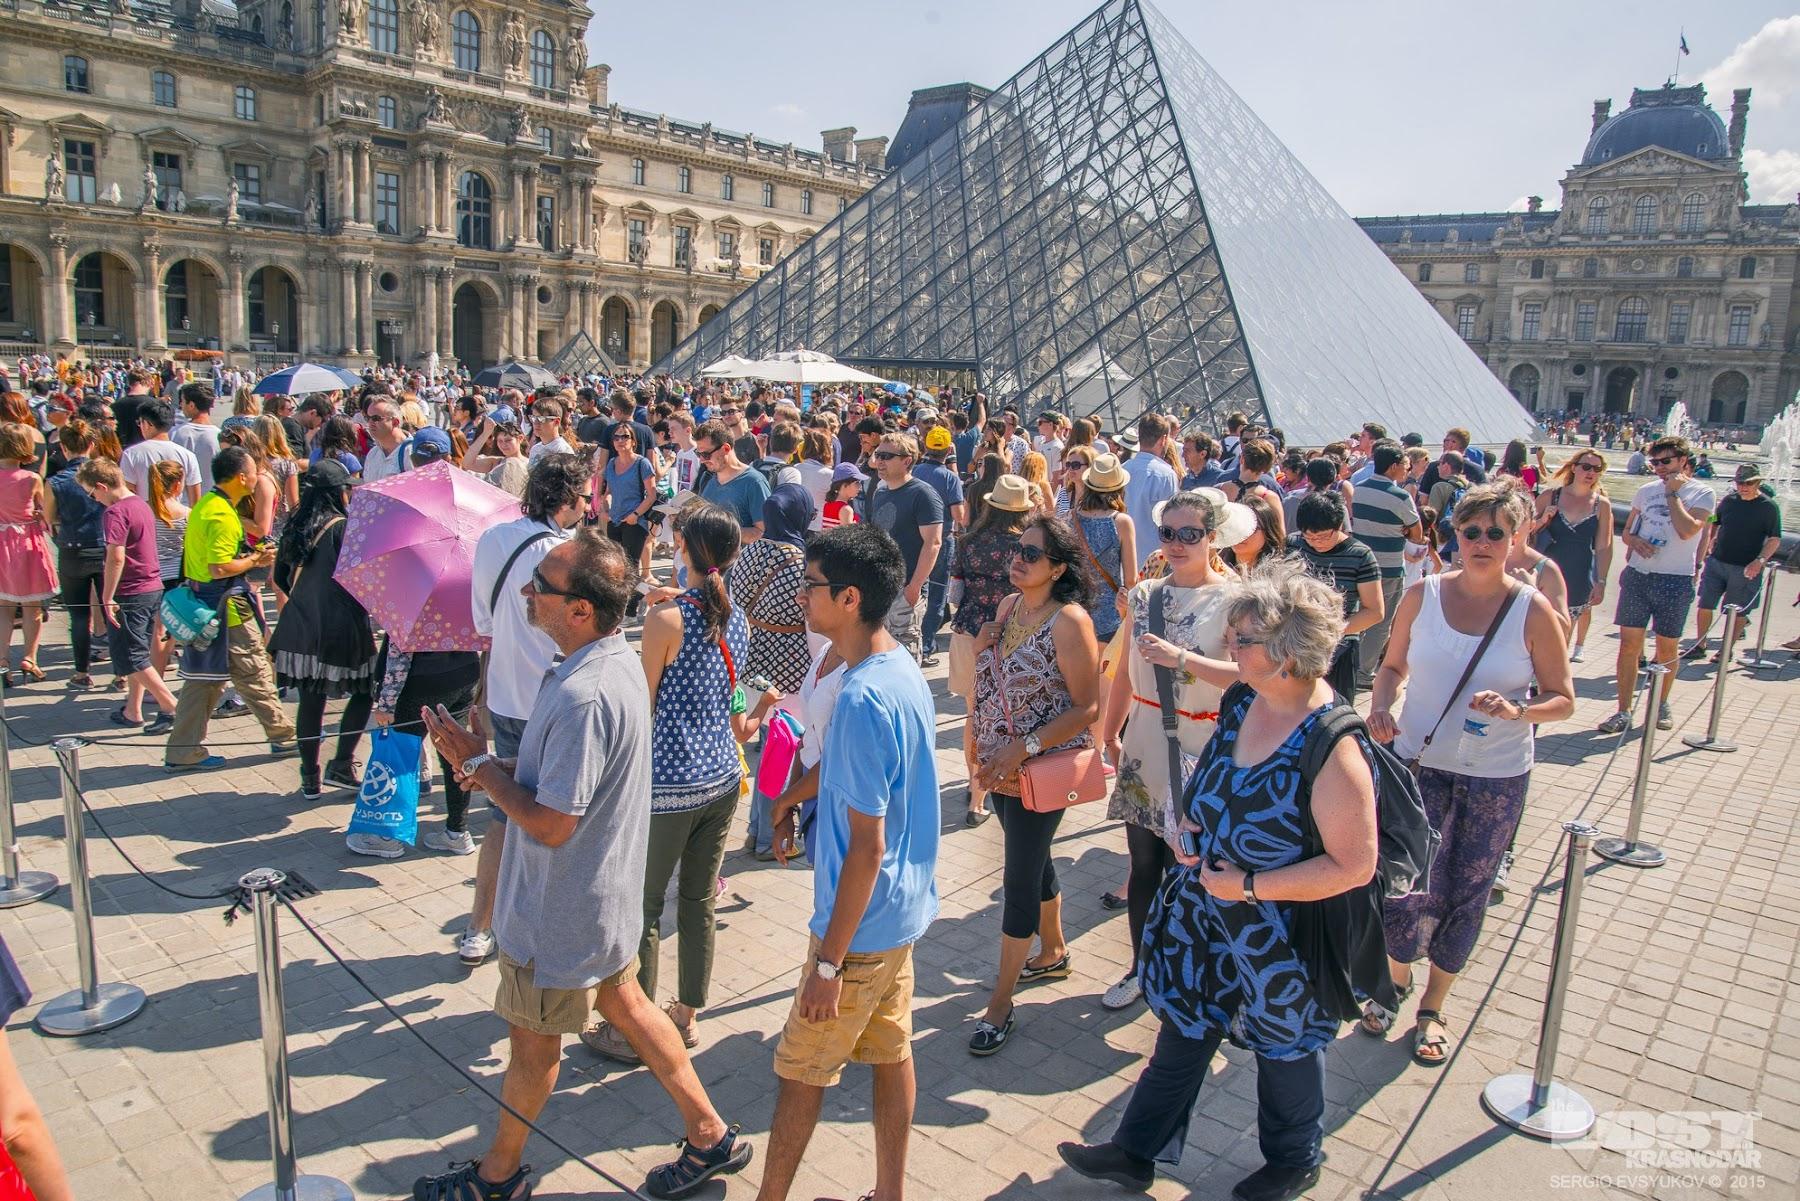 Пирамида перед музеем Лувр